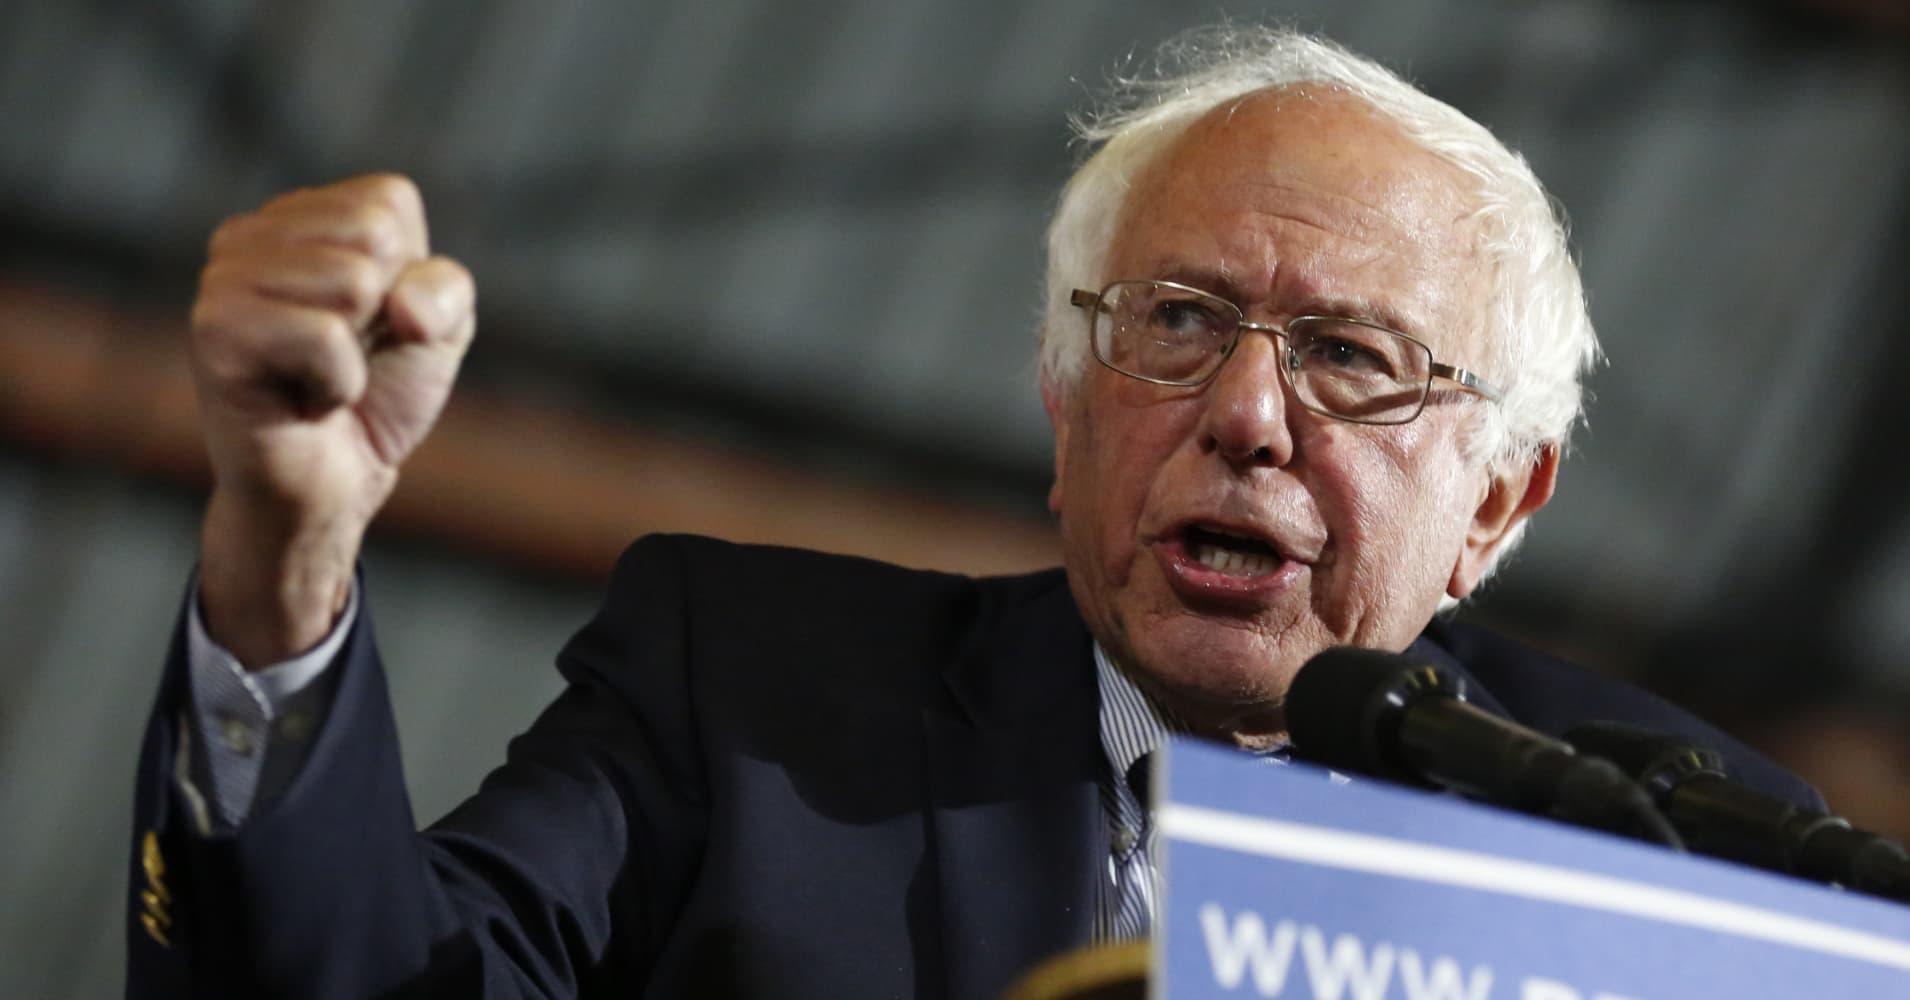 Sen. Bernie Sanders enters the 2020 Presidential race